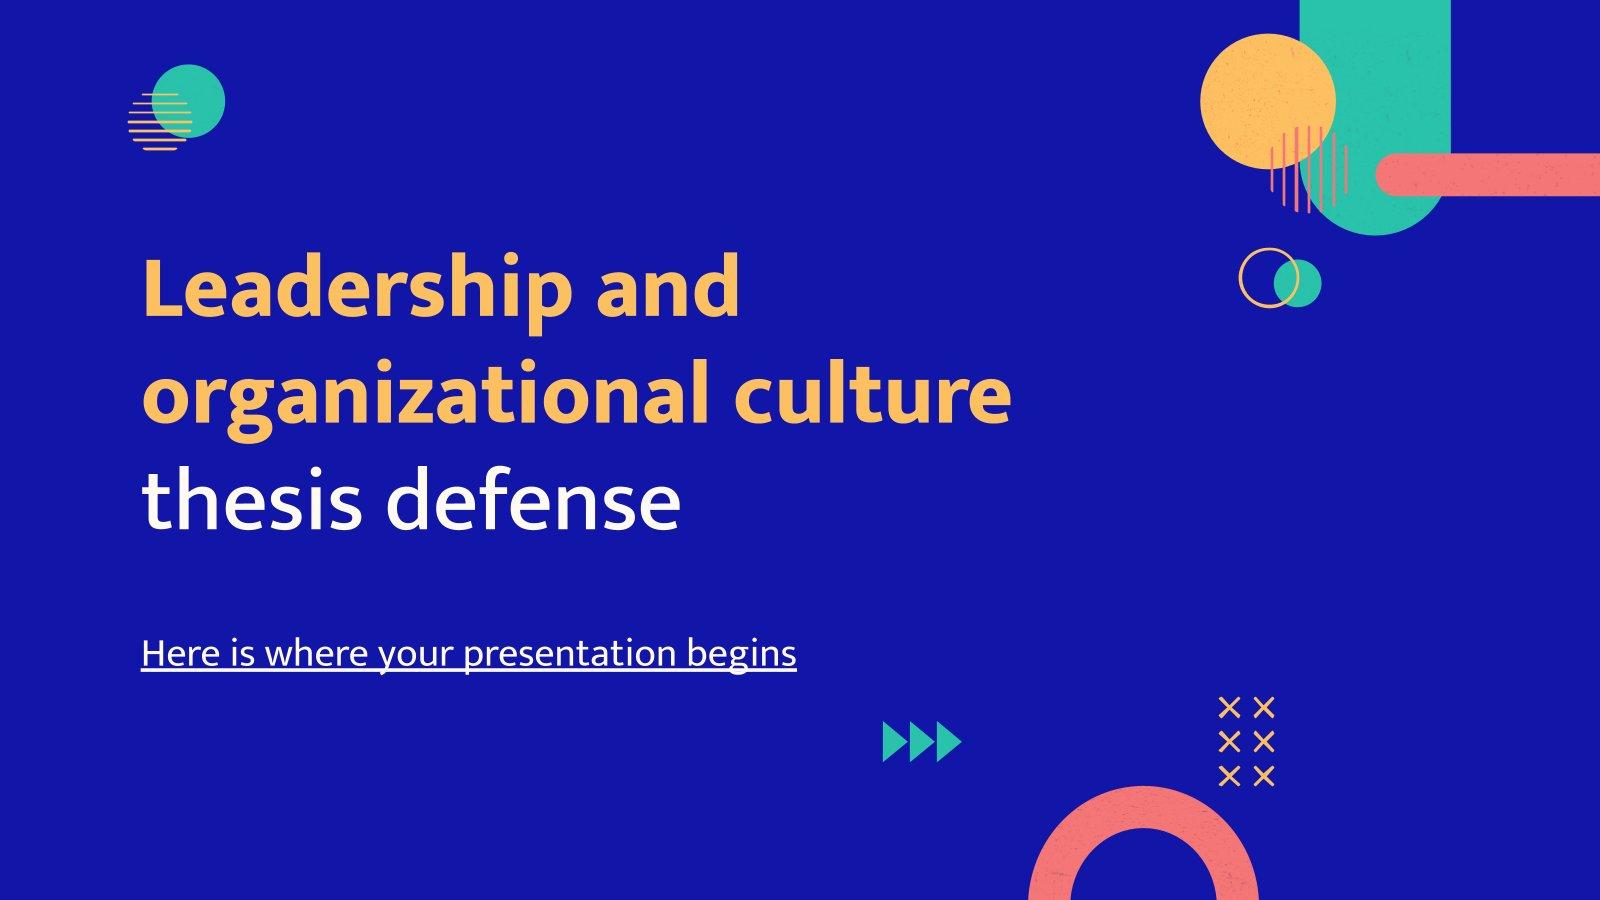 Modelo de apresentação Defesa de tese de liderança e cultura organizacional